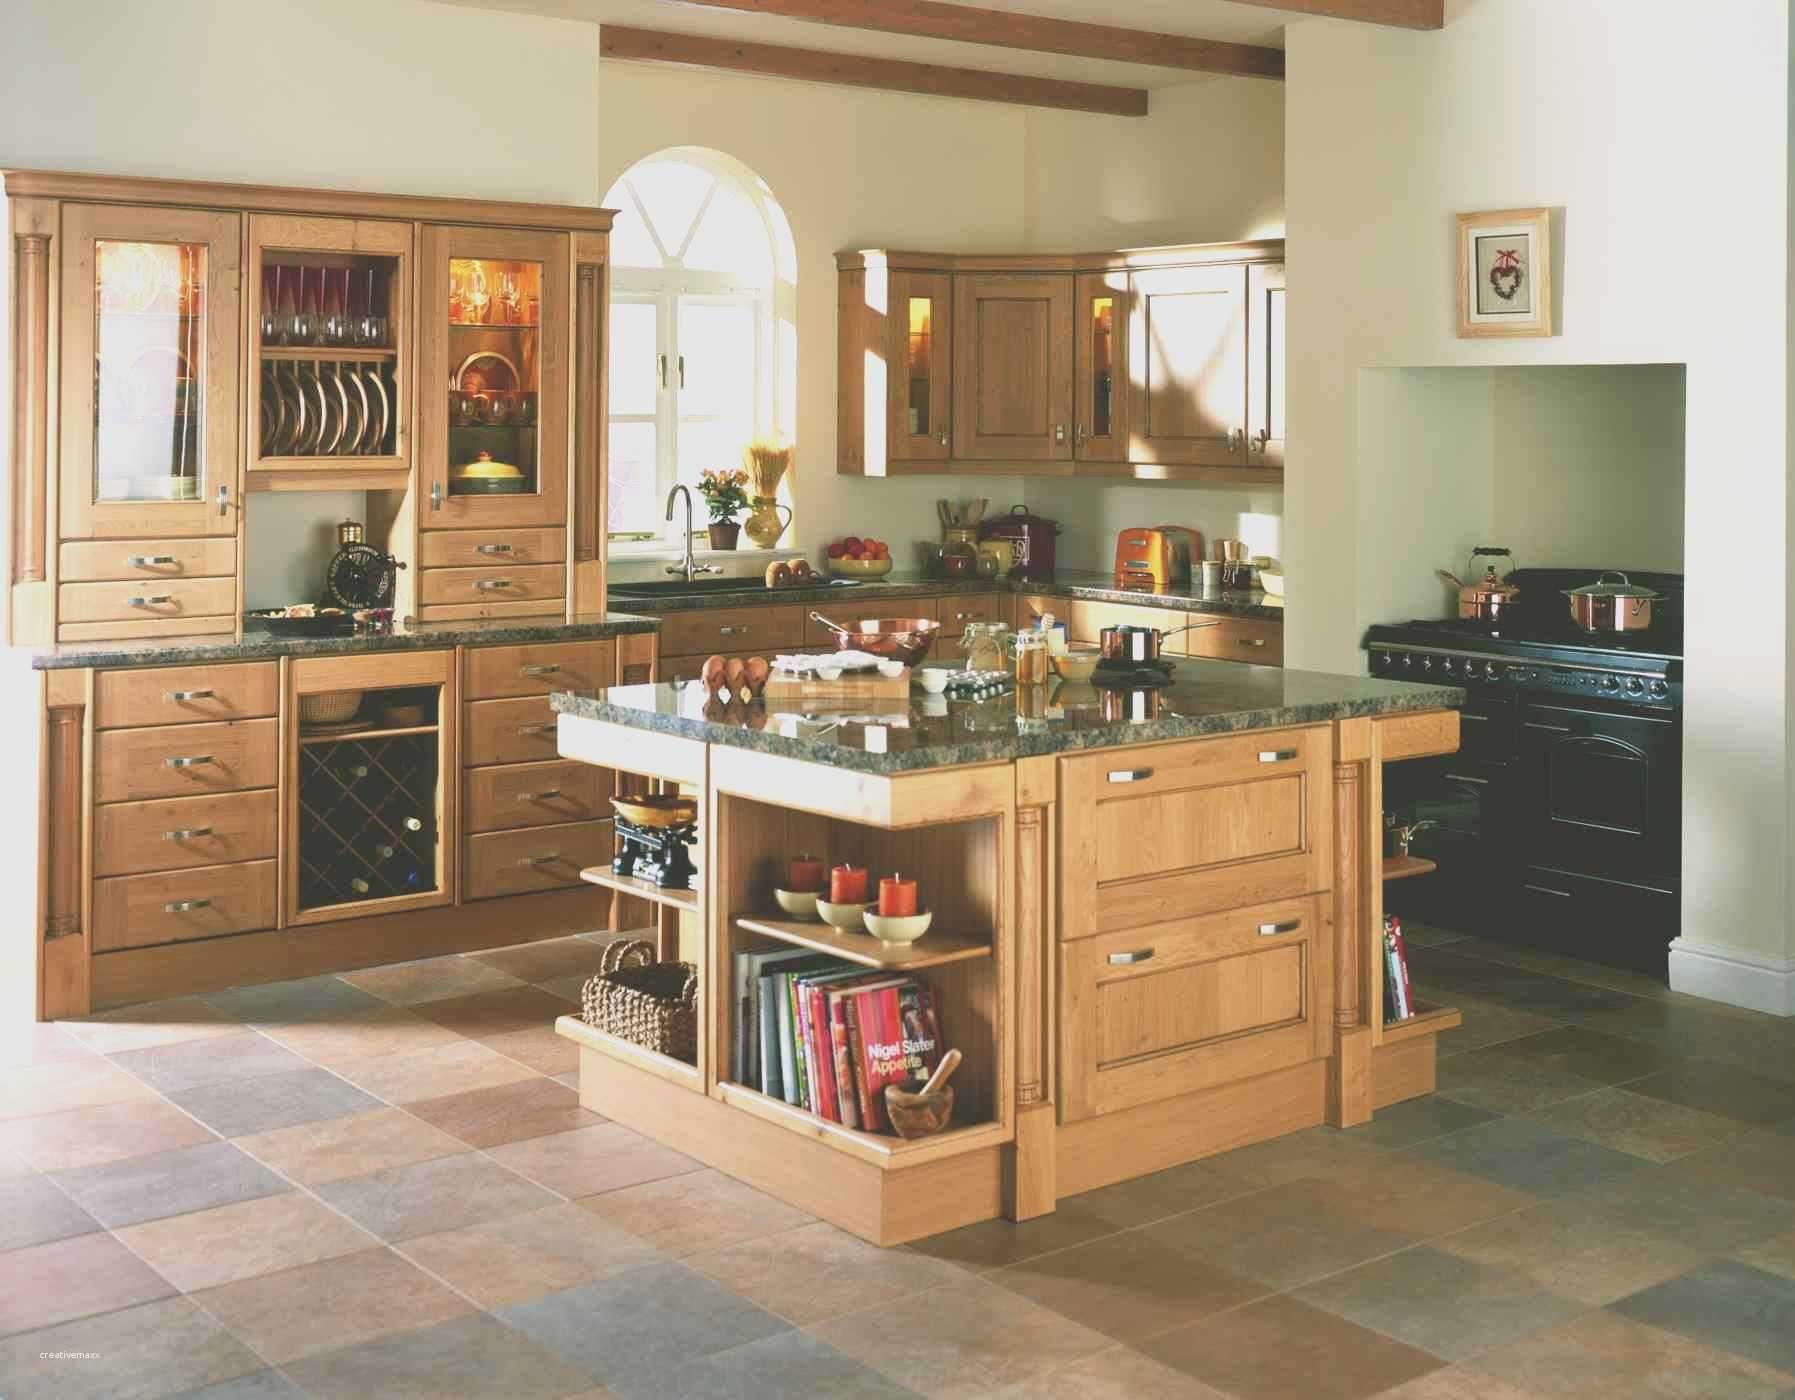 lovely farmhouse kitchen color schemes home decor ideas rh pinterest com